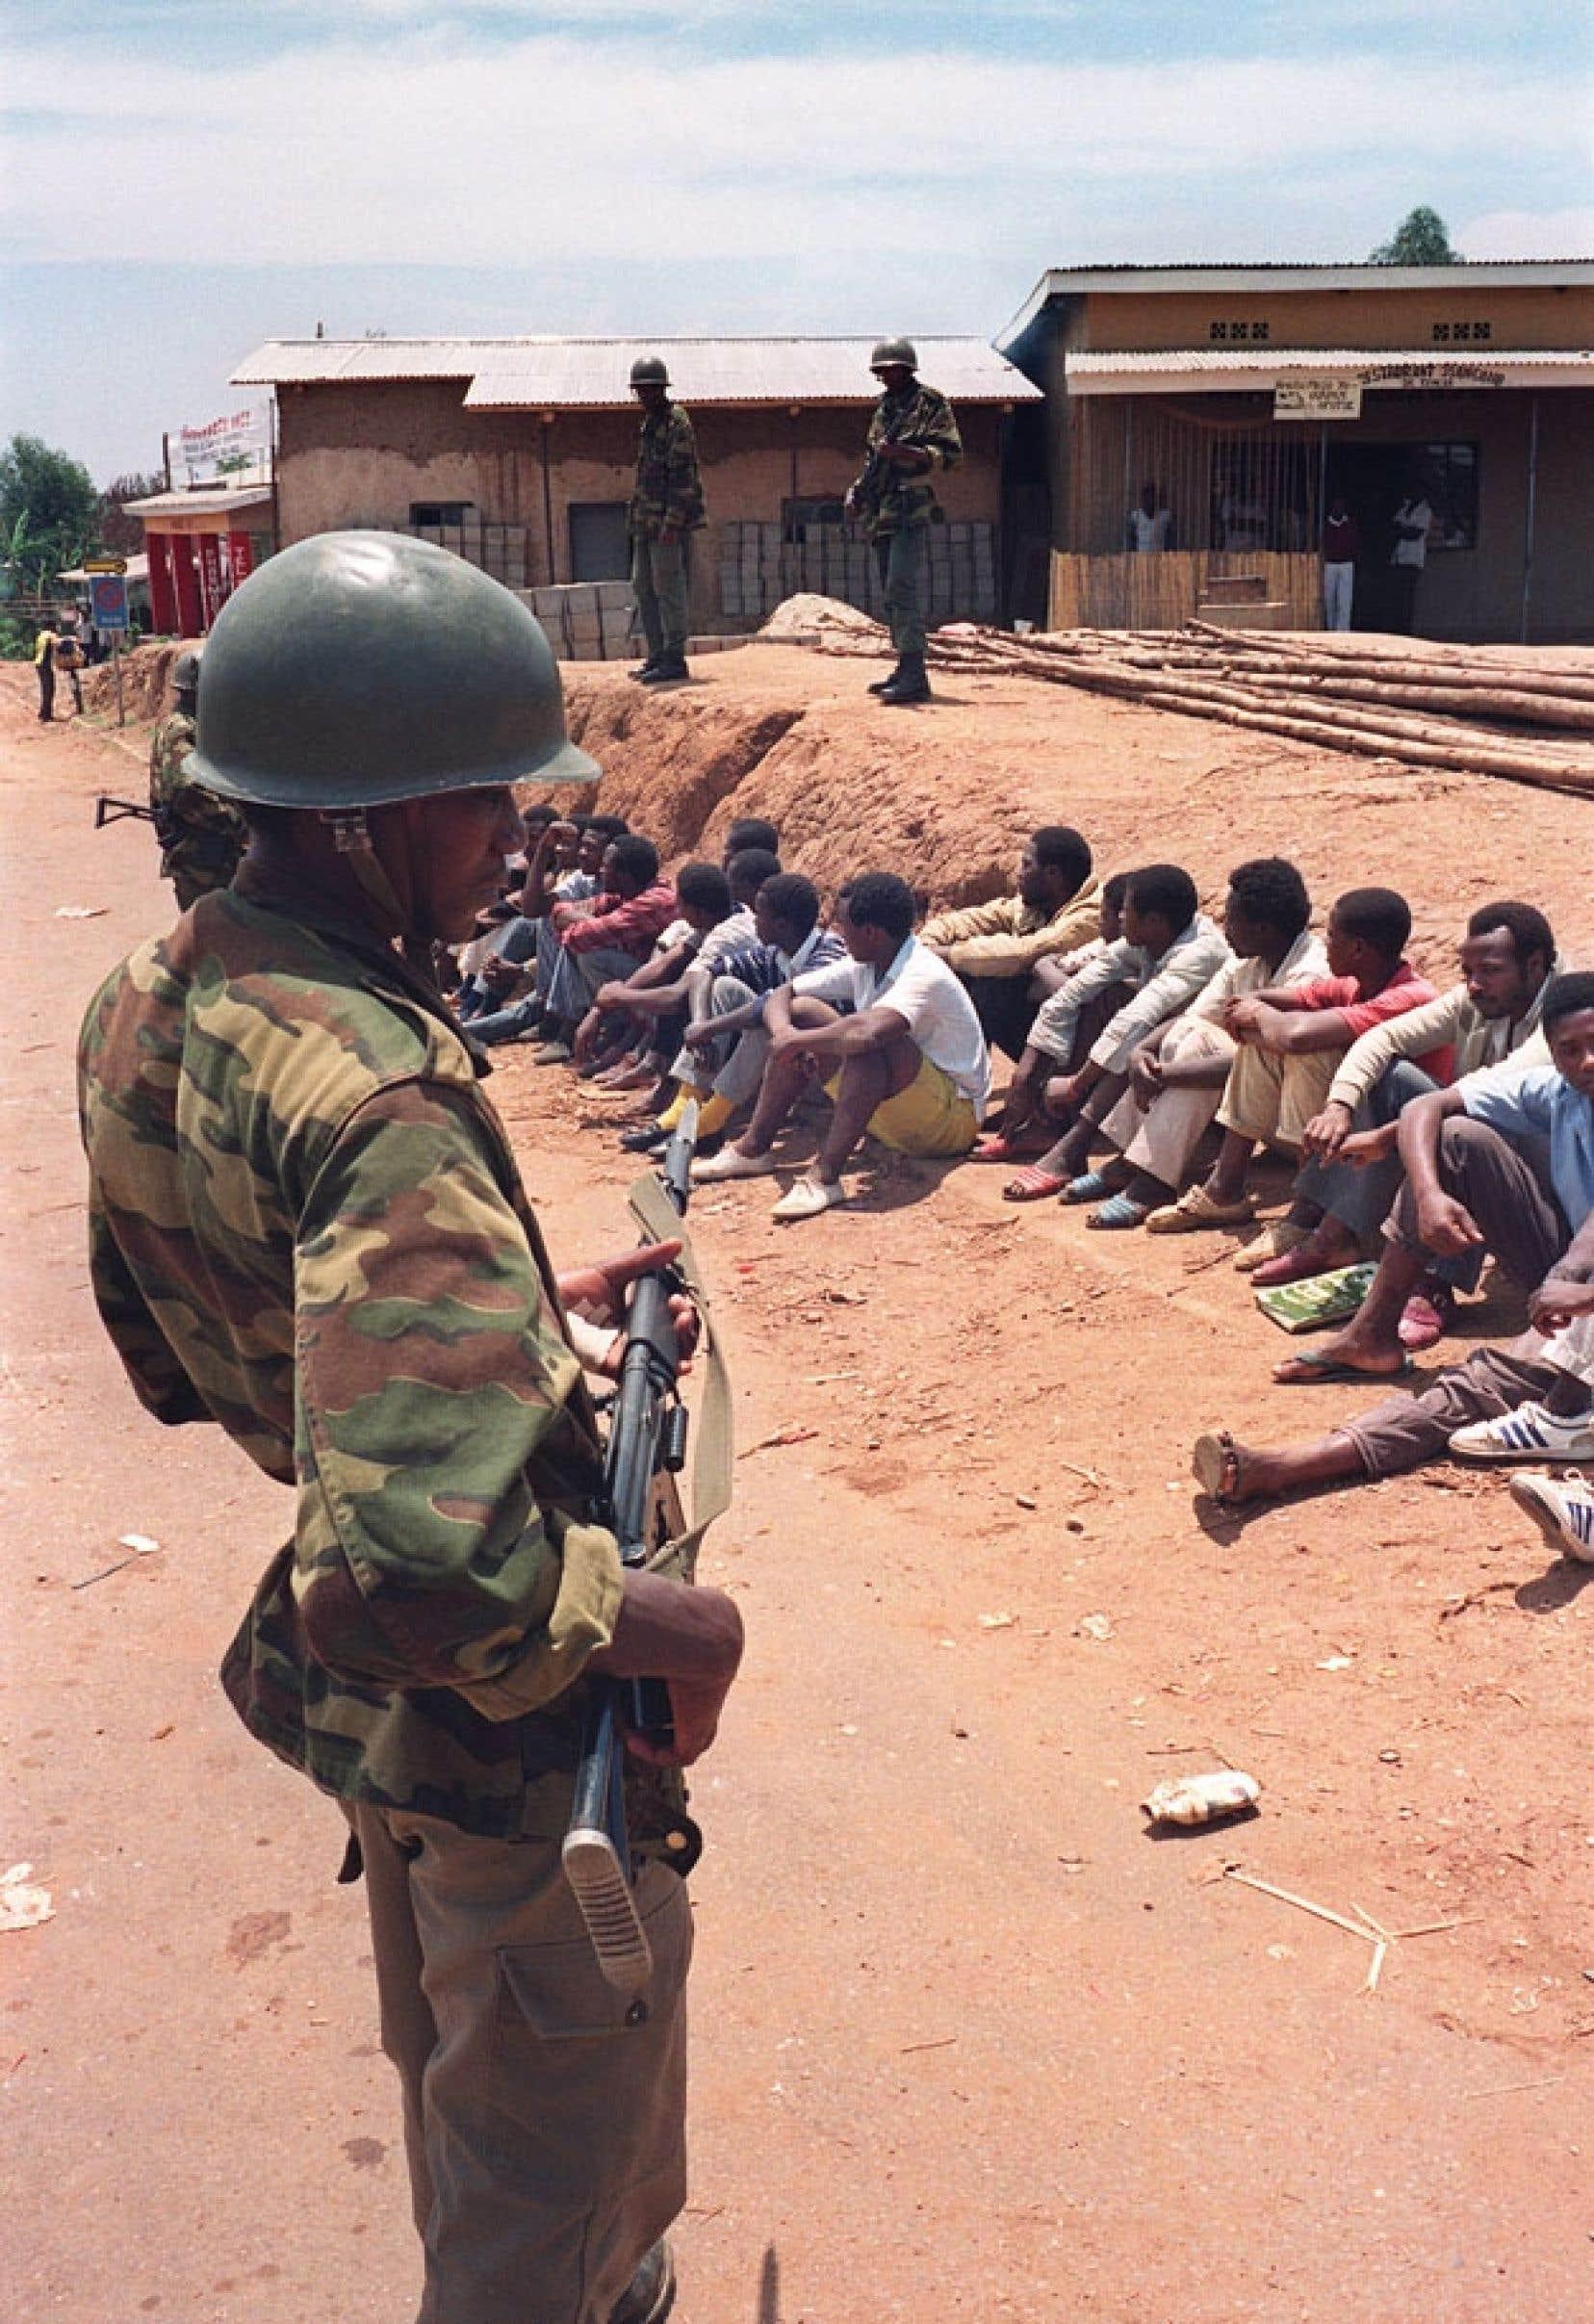 Un soldat surveille des civils arrêtés après l'invasion des hommes du Front patriotique rwandais, en 1990. Les affrontements ont alors débuté avec les forces gouvernementales.